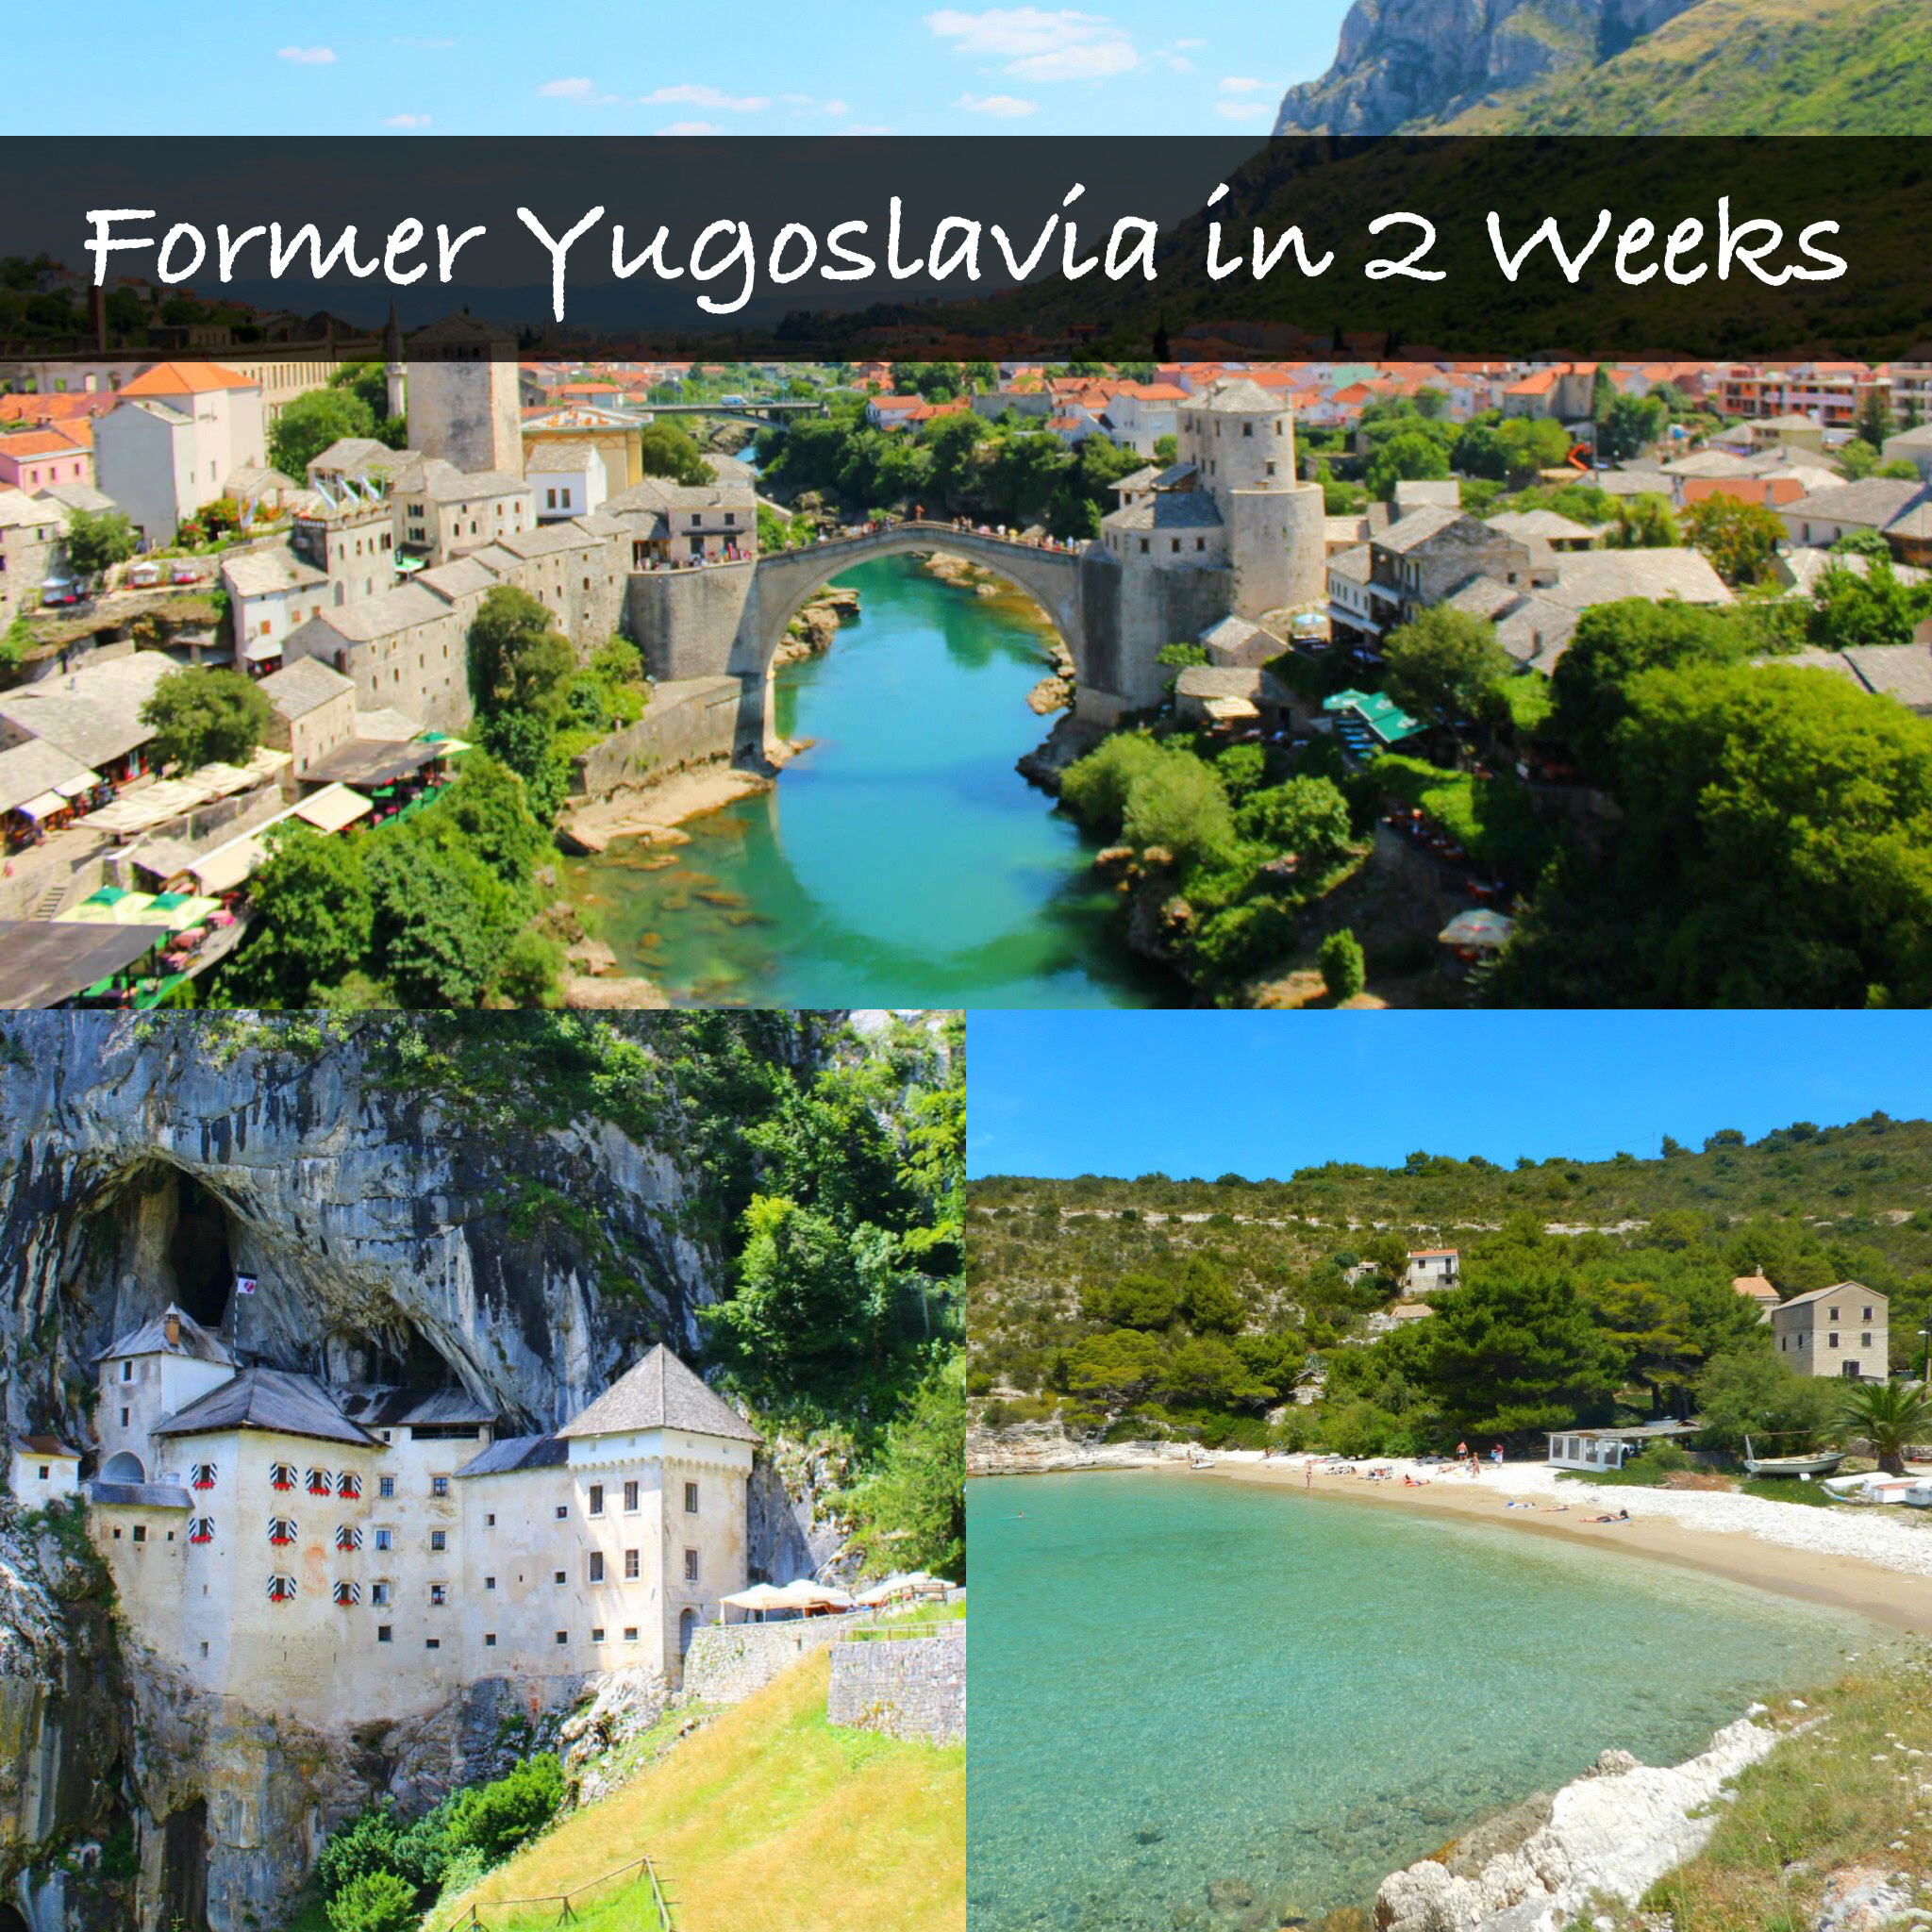 Former Yugoslavia in 2 Weeks